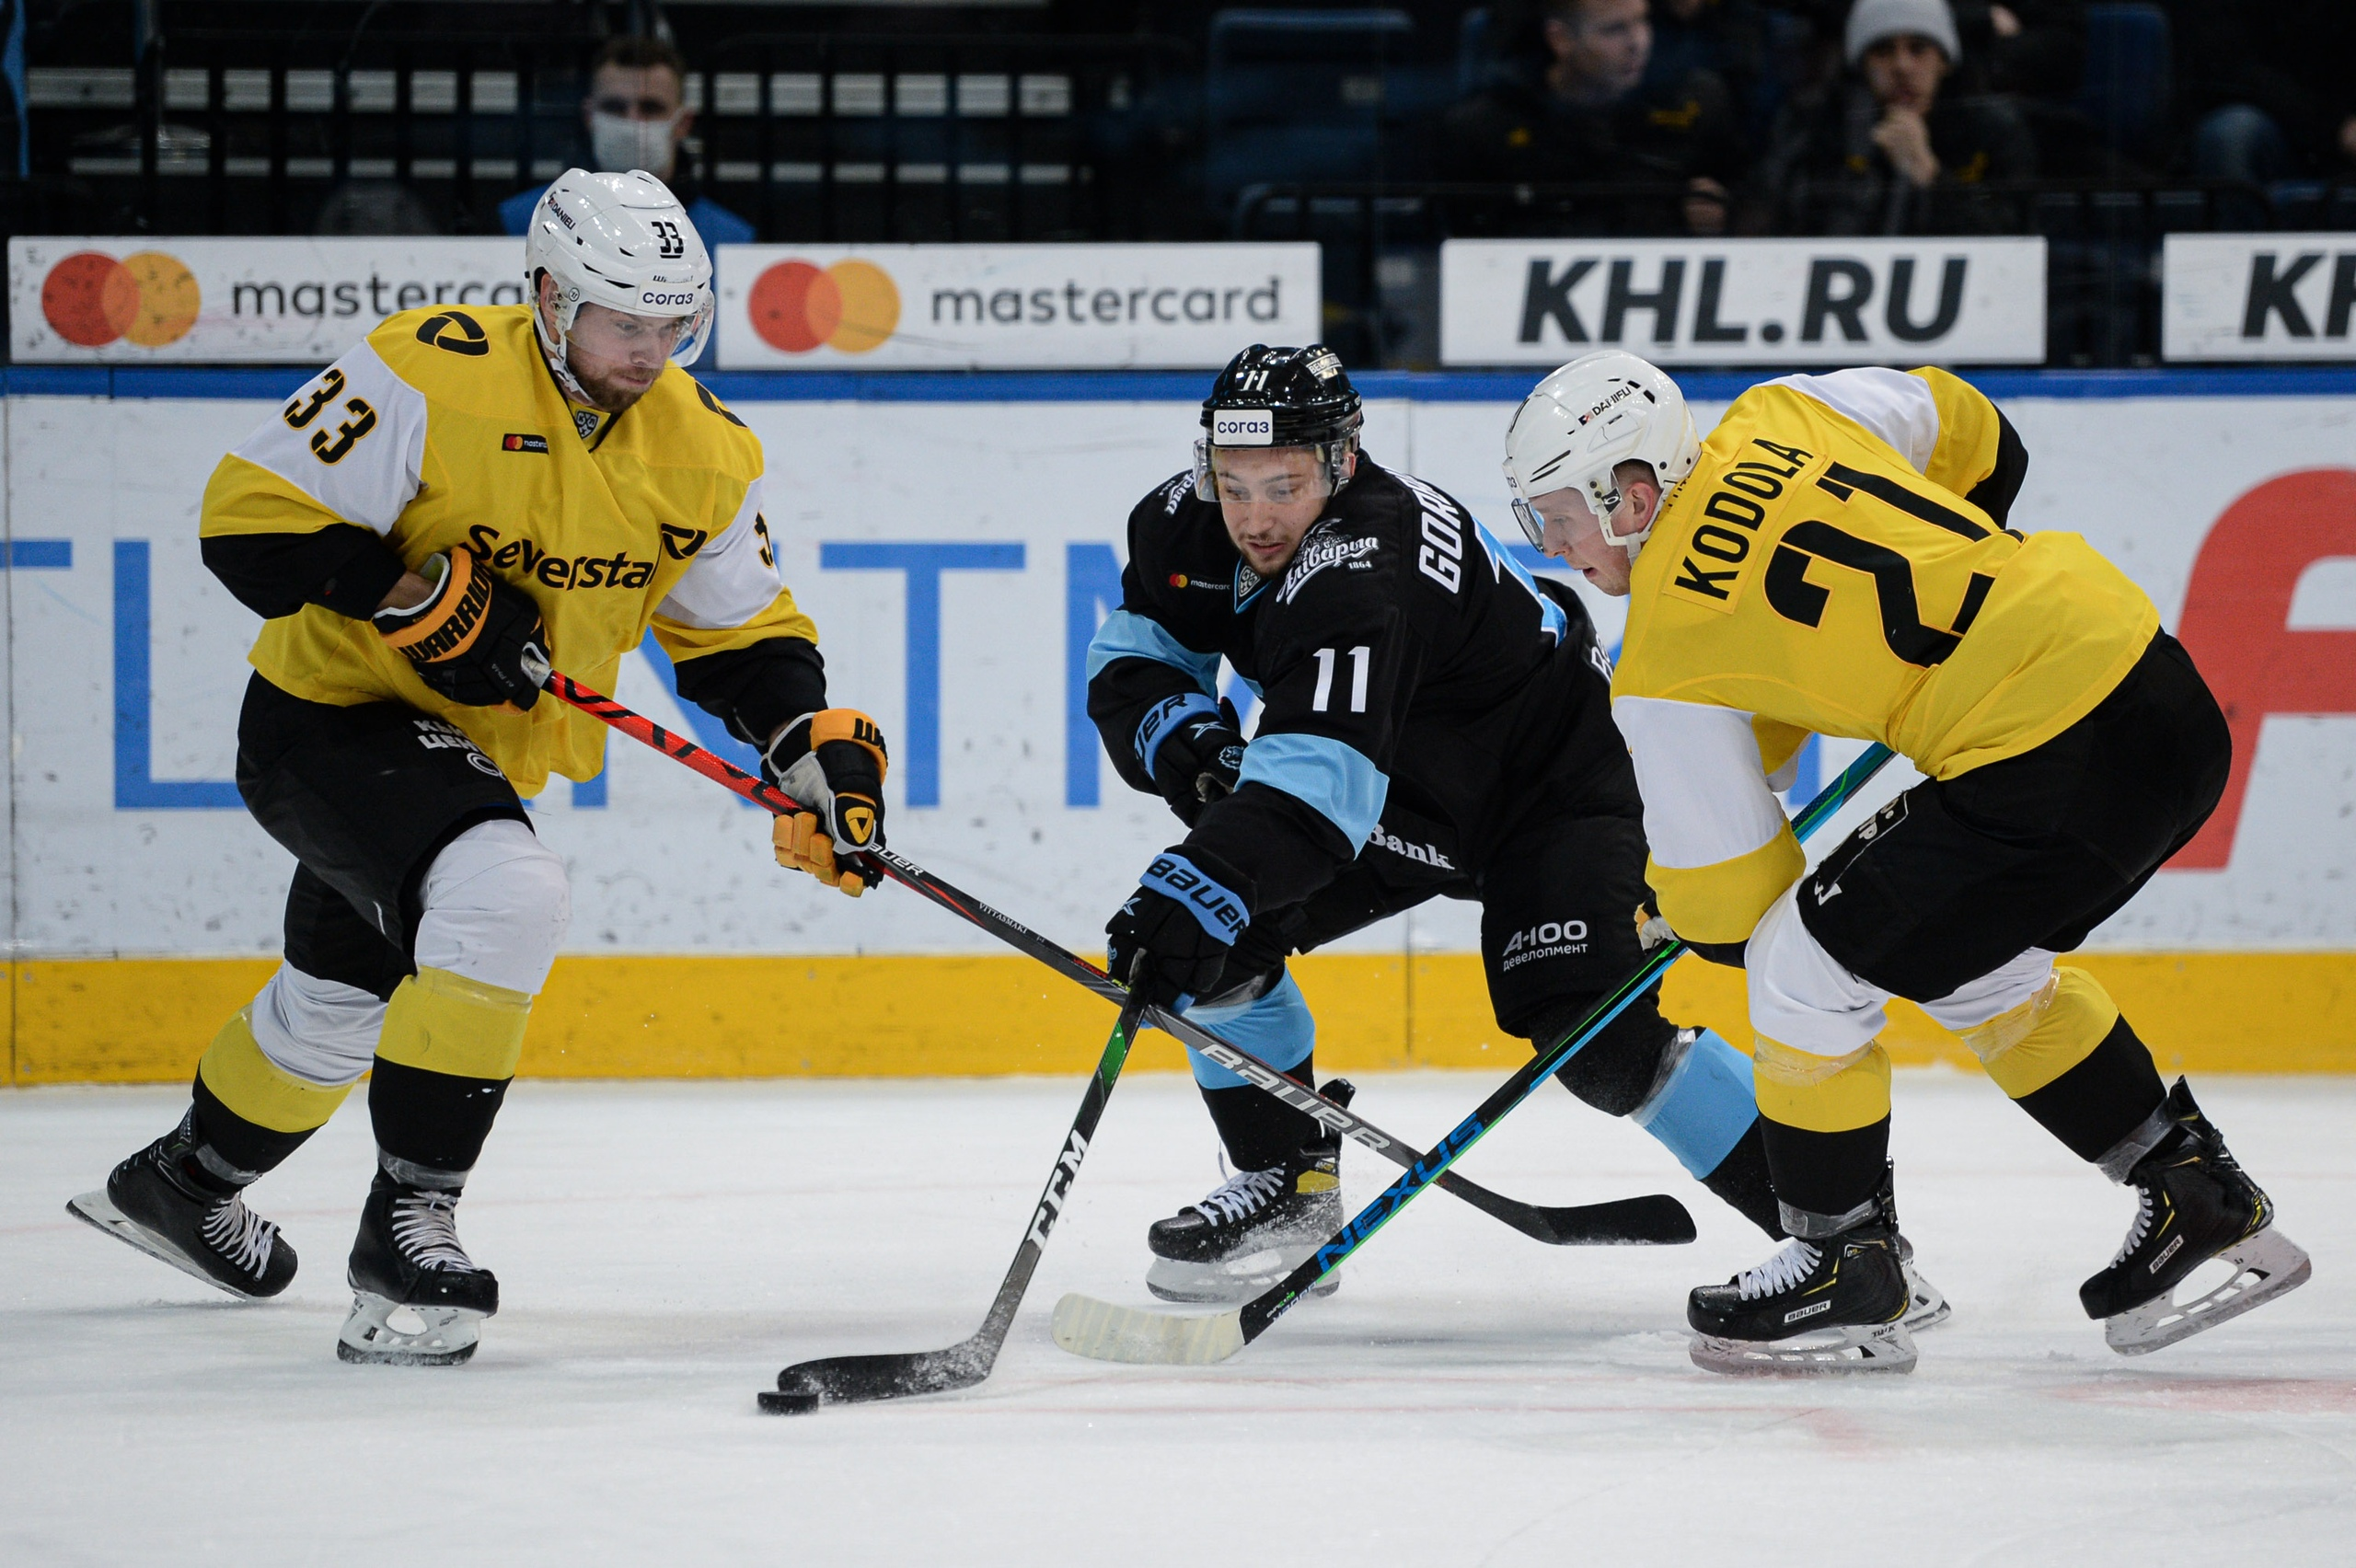 Минское 'Динамо' и 'Северсталь' вышли в плей-офф КХЛ